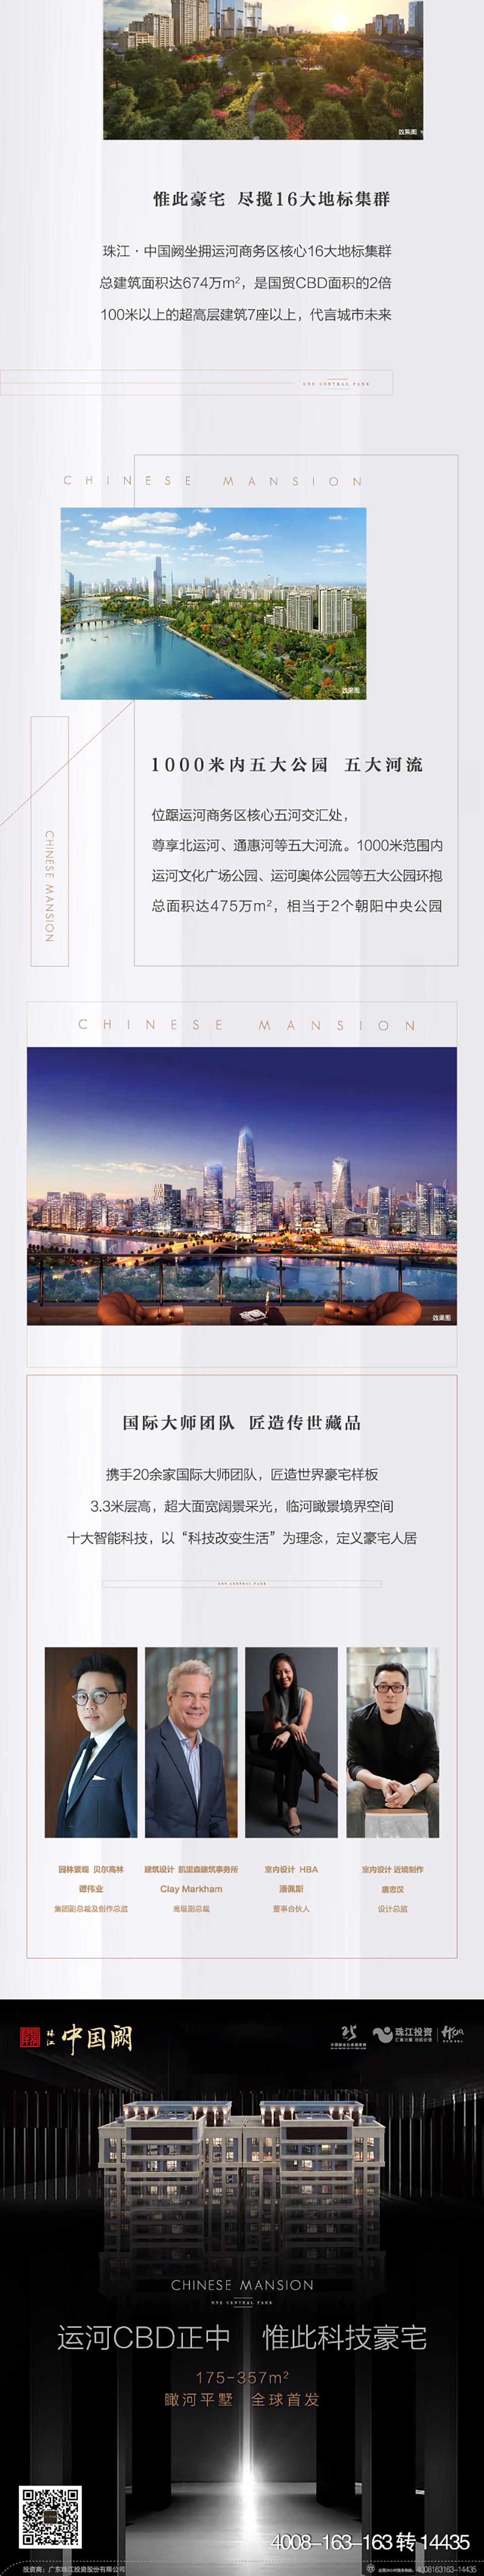 珠江·中国阙